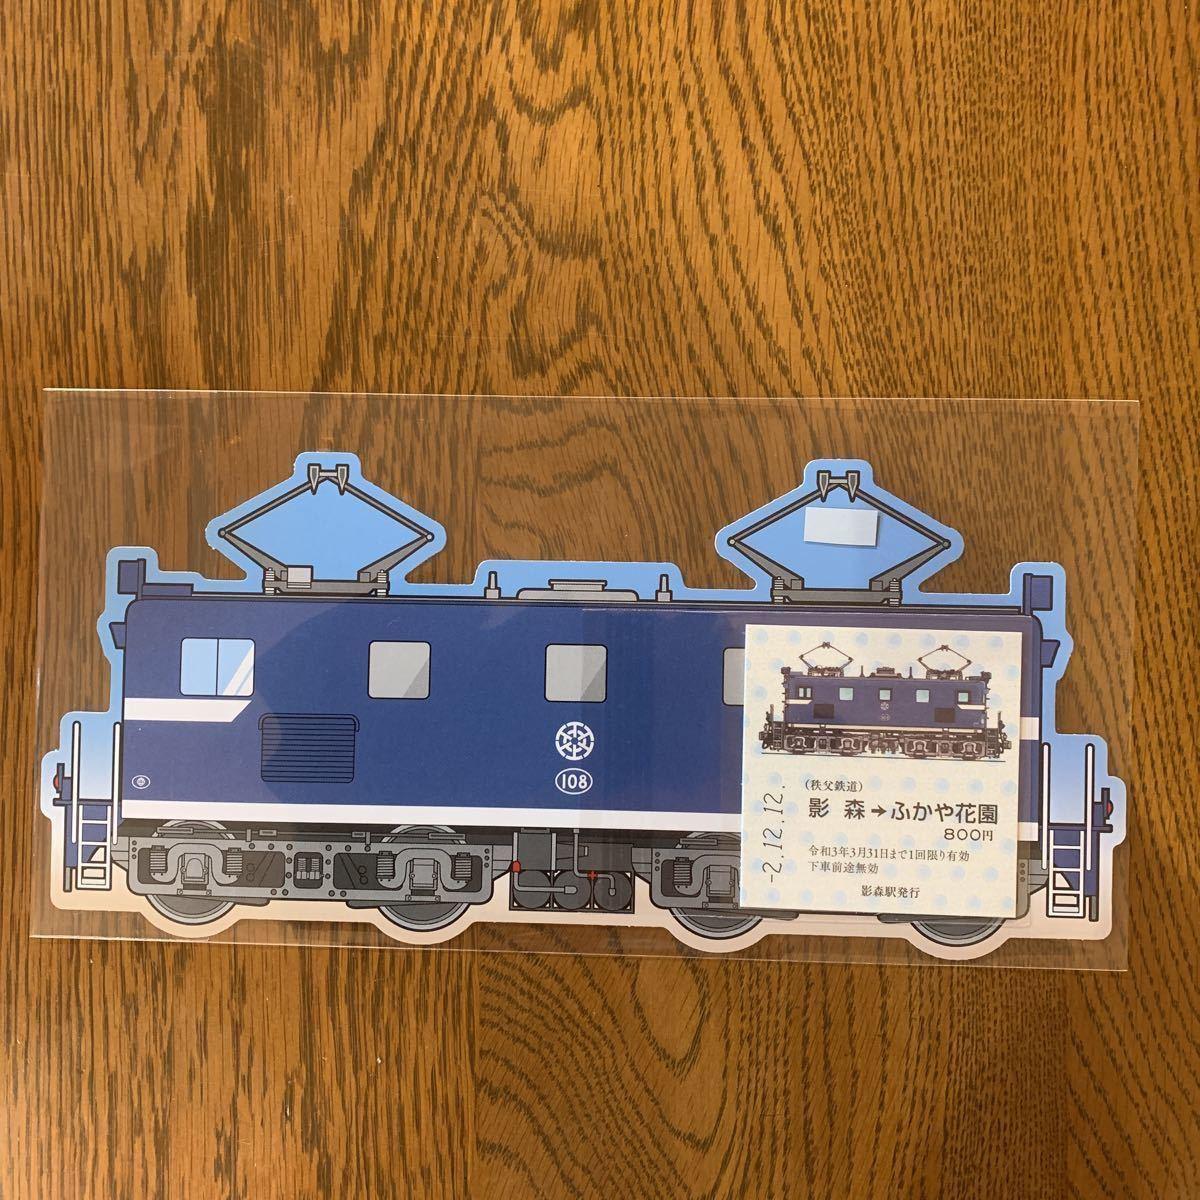 【秩父鉄道】ありがとう!電気機関車108号機 引退記念乗車券③【記念乗車券】